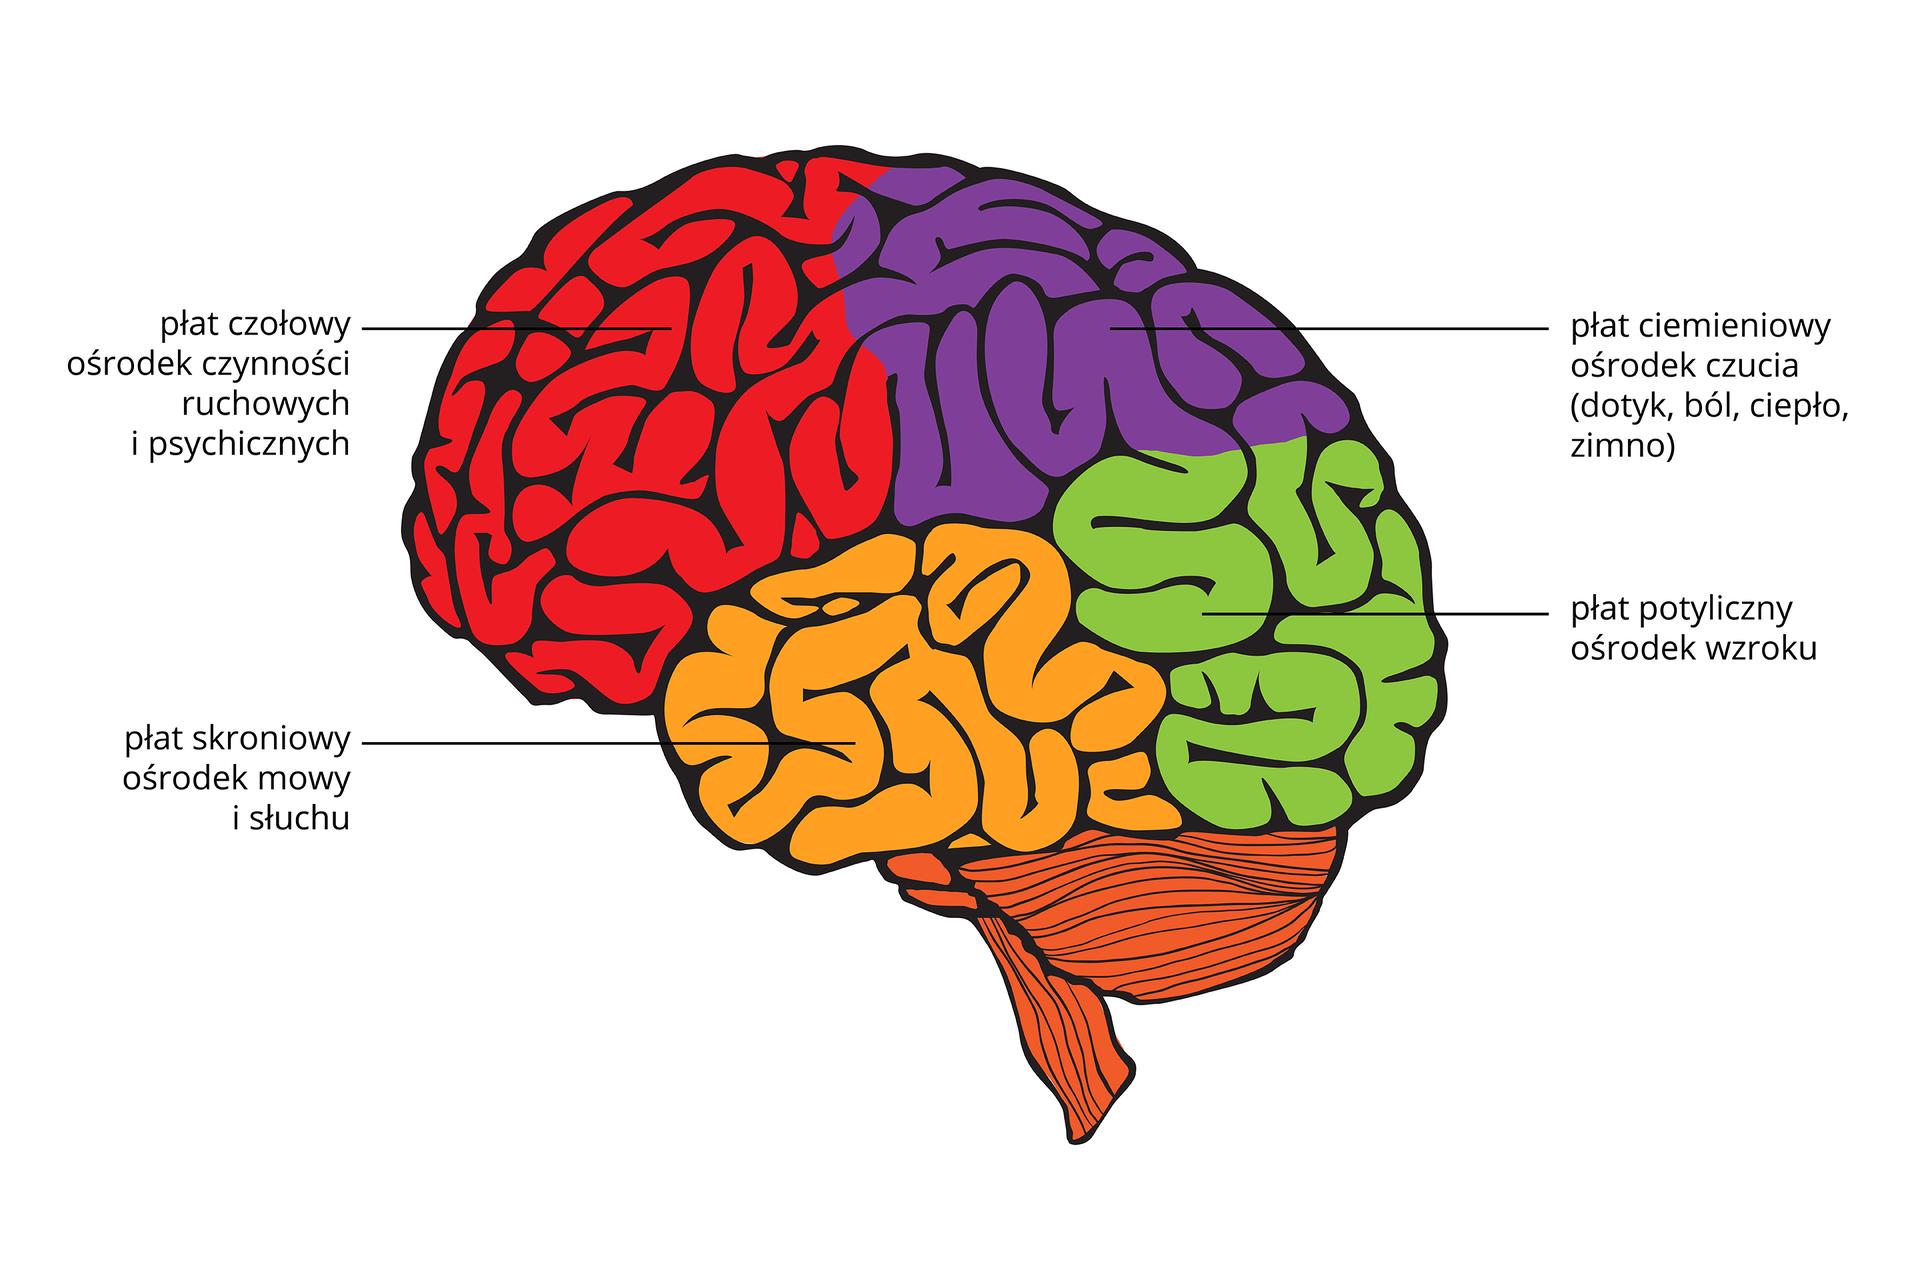 Ilustracja przedstawia mózgowie. Brązowy móżdżek zprawej. Kora mózgowa została pokolorowana, by uwidocznić płaty czynnościowe. Czerwony płat czołowy to ośrodek czynności ruchowych ipsychicznych. Fioletowy płat ciemieniowy to ośrodek czucia (dotyku, bólu, temperatury). Zielony płat potyliczny to ośrodek wzroku. Żółty płat skroniowy to ośrodek mowy isłuchu.